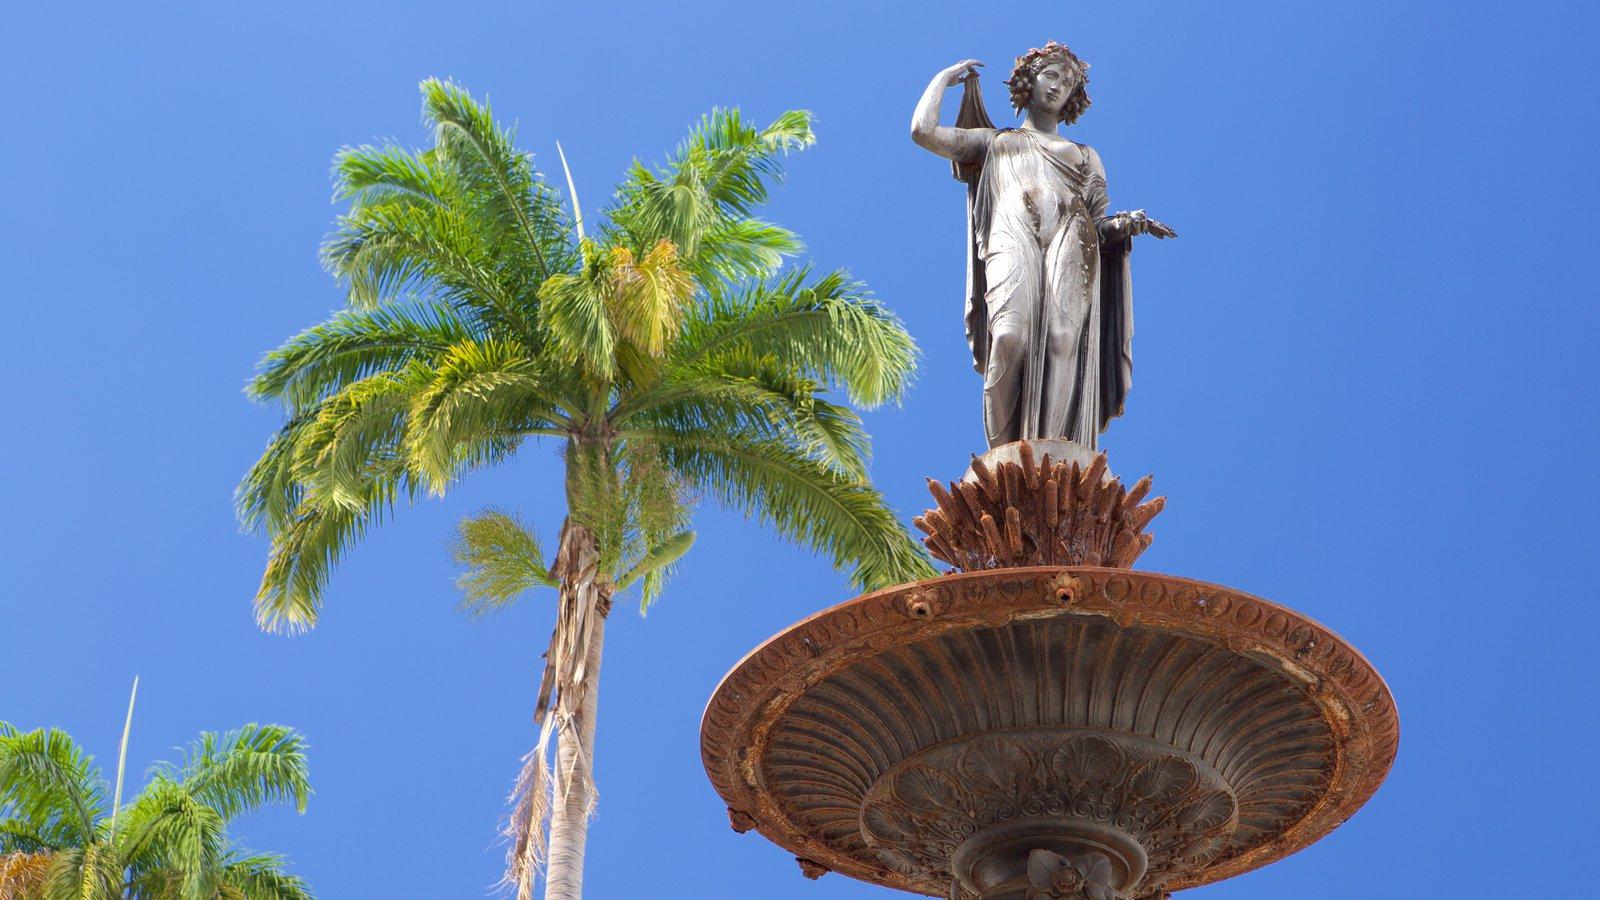 Terreiro de Jesus mostrando uma estátua ou escultura